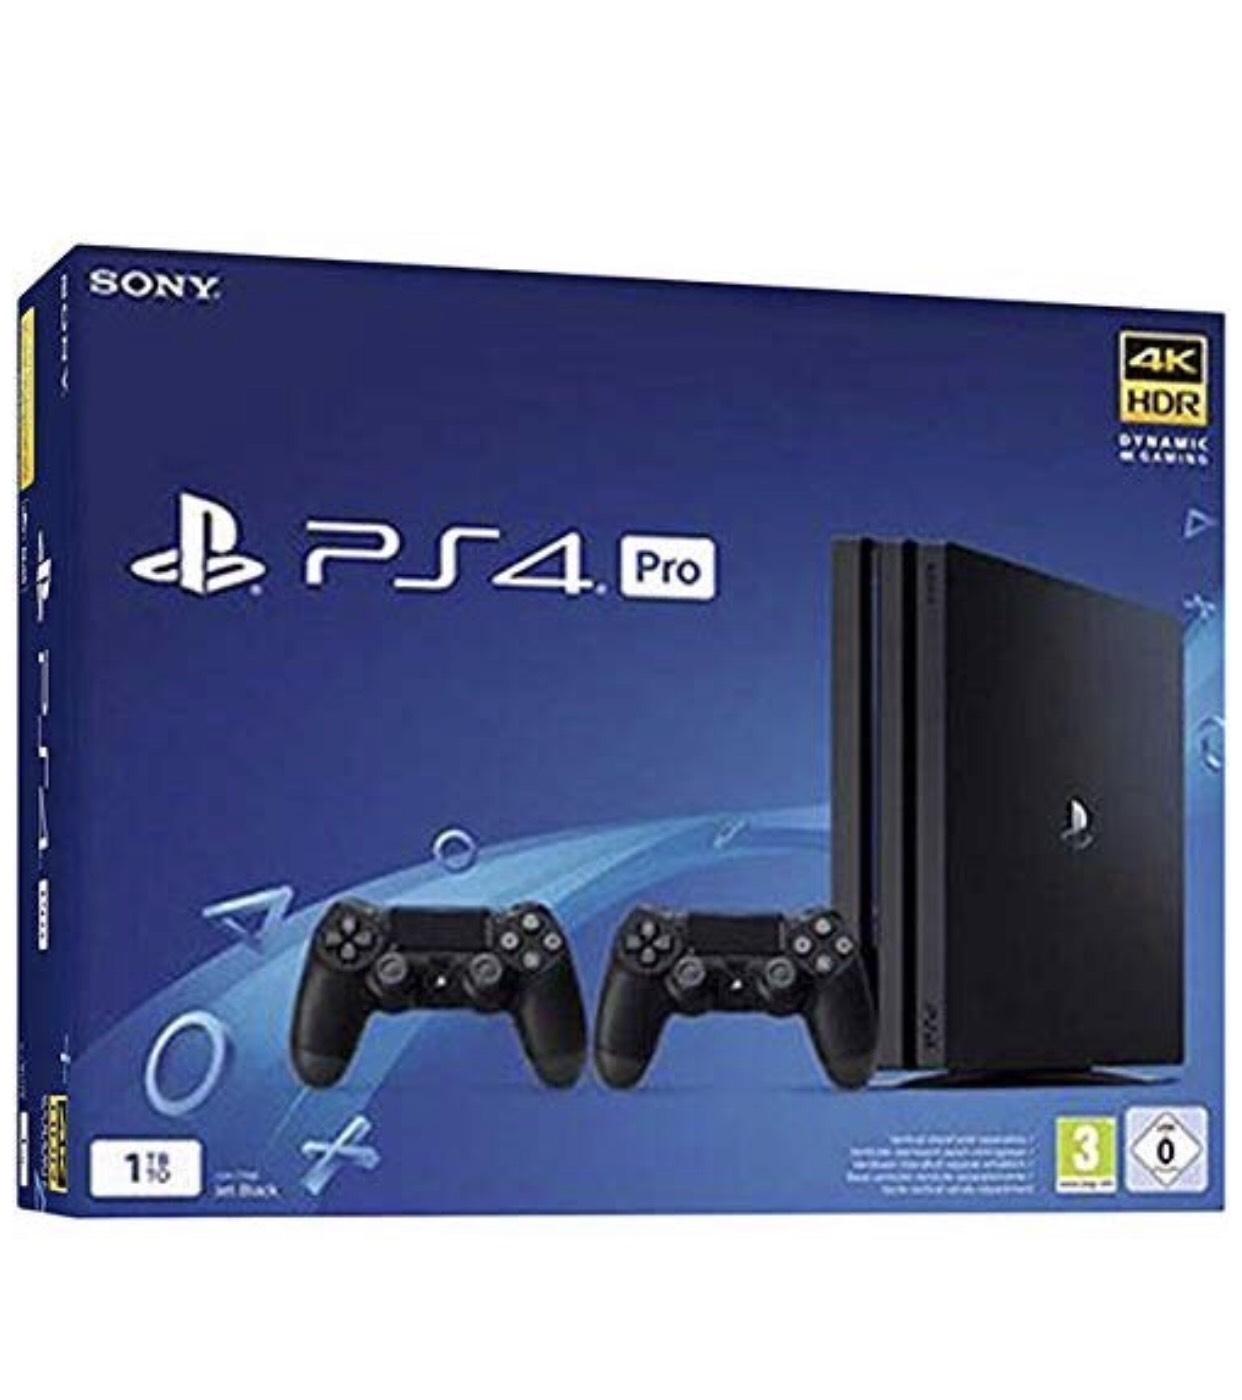 Console Sony PS4 Pro (1 To) + 2ème Manette sans-fil DualShock 4 V2